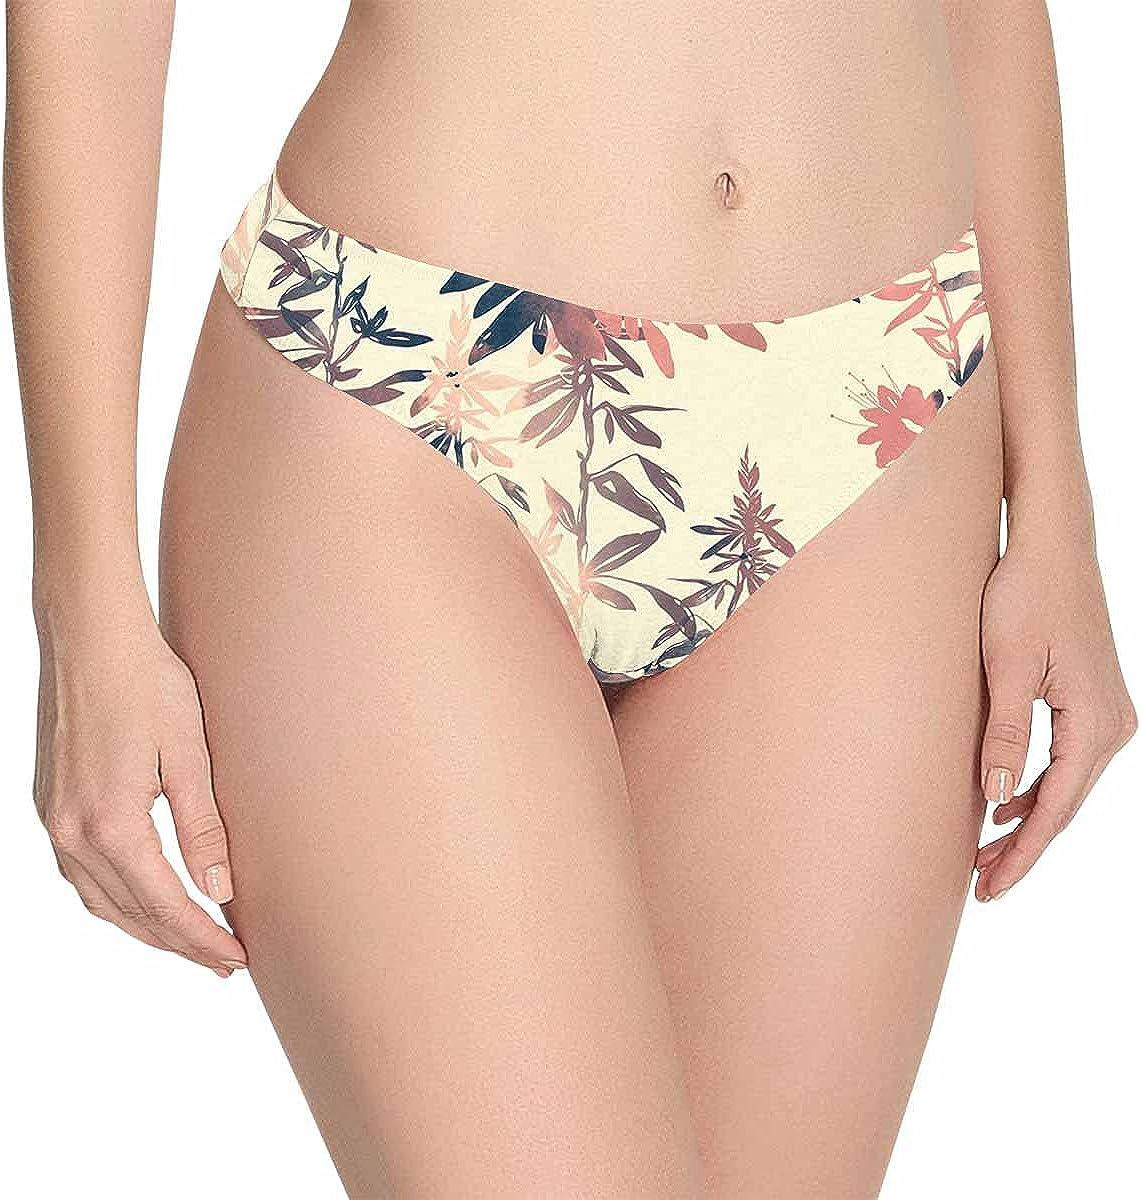 InterestPrint Baltimore Luxury Mall Women's Low Waist Breathable Pantie Underwear Soft